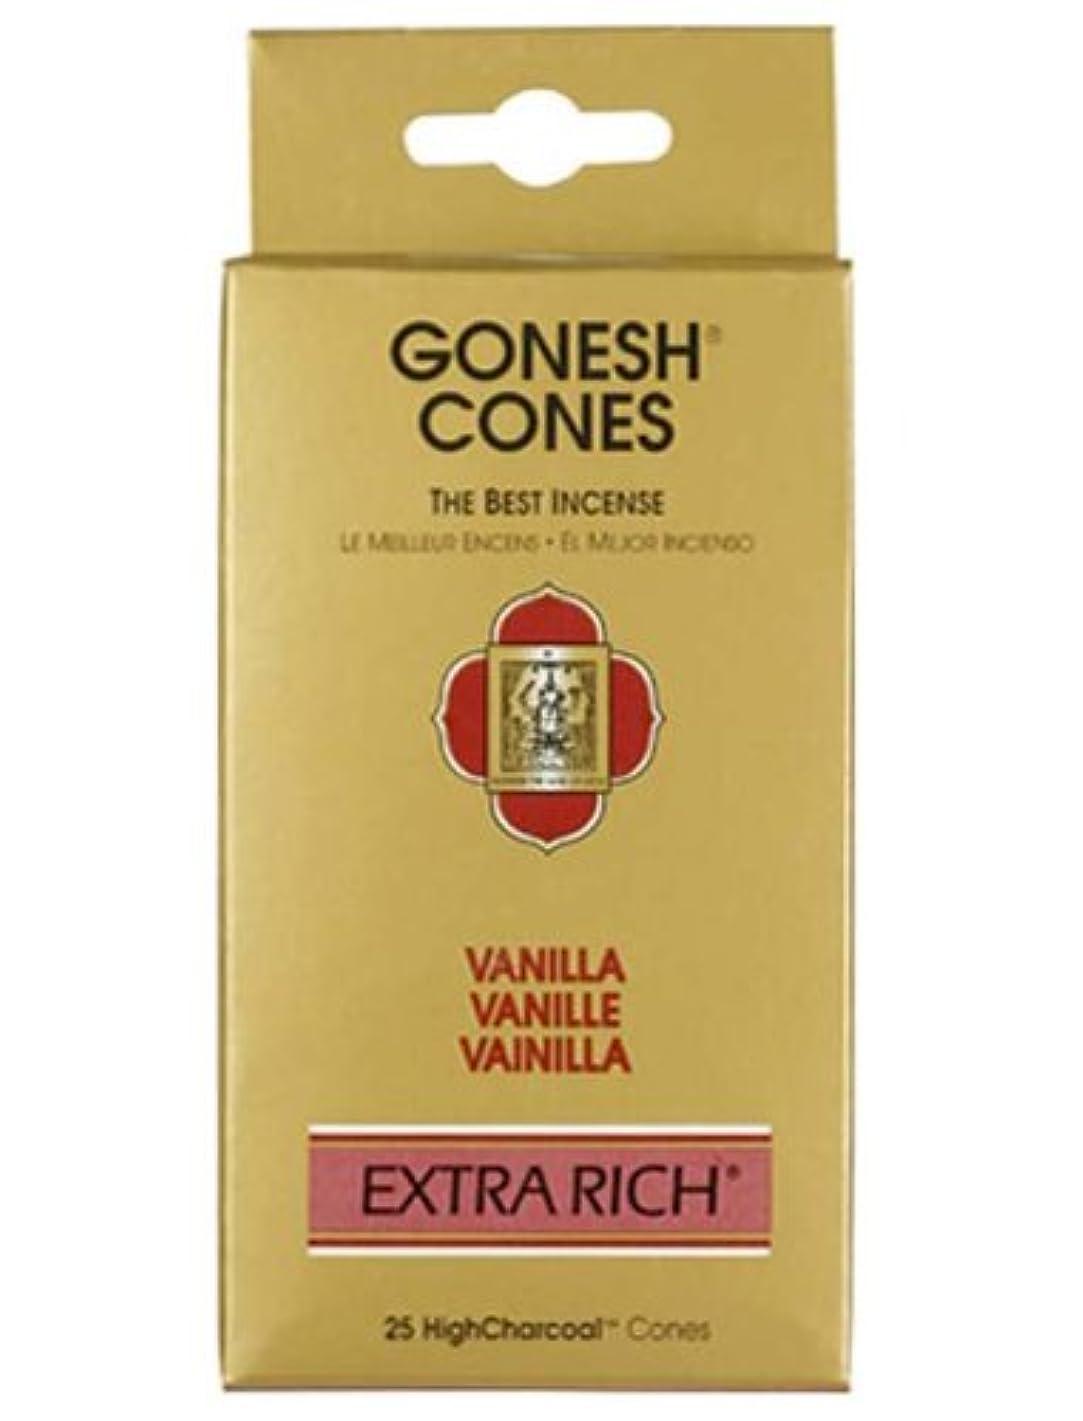 本土フクロウ冷ややかなガーネッシュ(GONESH) エクストラリッチ インセンス コーン バニラ 25個入(お香)